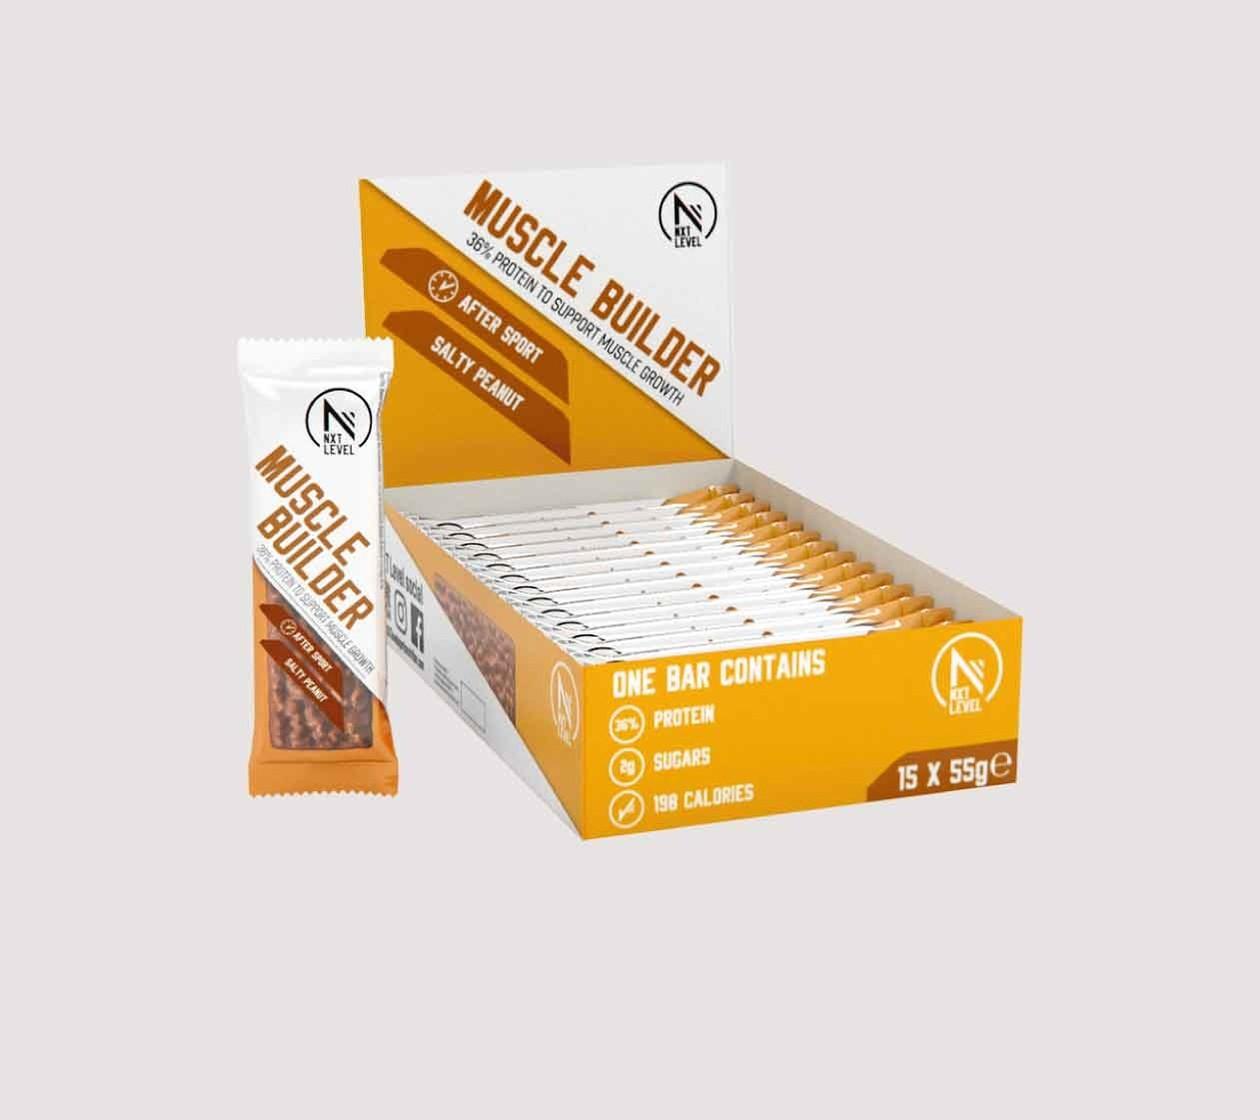 Barra de Proteina Muscle Builder (15 piezas) - Elija entre 3 sabores